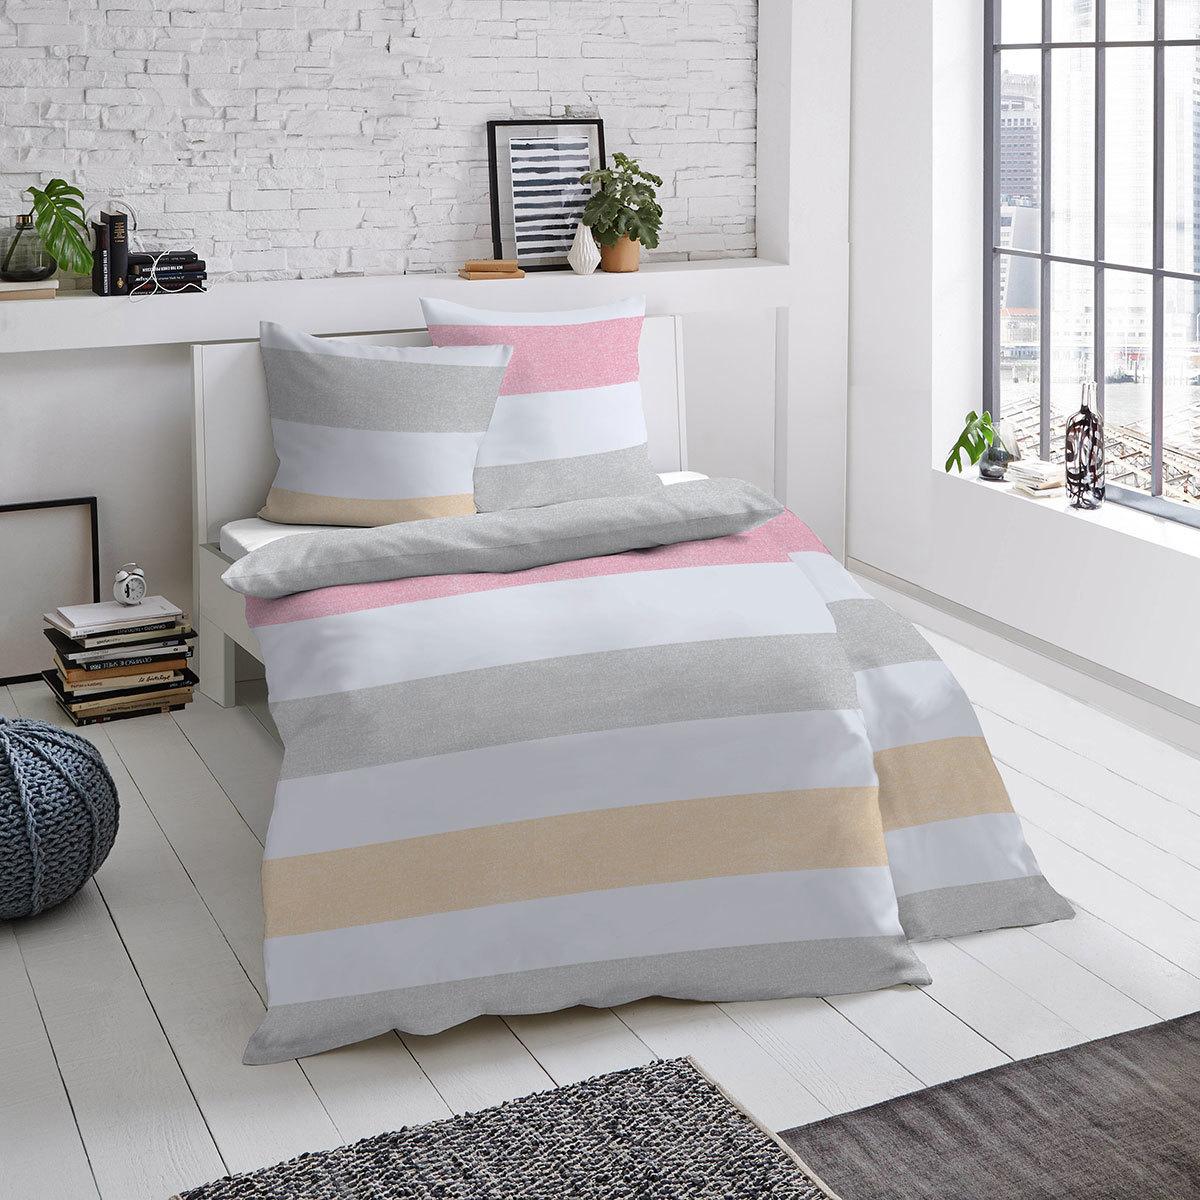 dormisette mako satin bettw sche blockstreifen g nstig online kaufen bei bettwaren shop. Black Bedroom Furniture Sets. Home Design Ideas